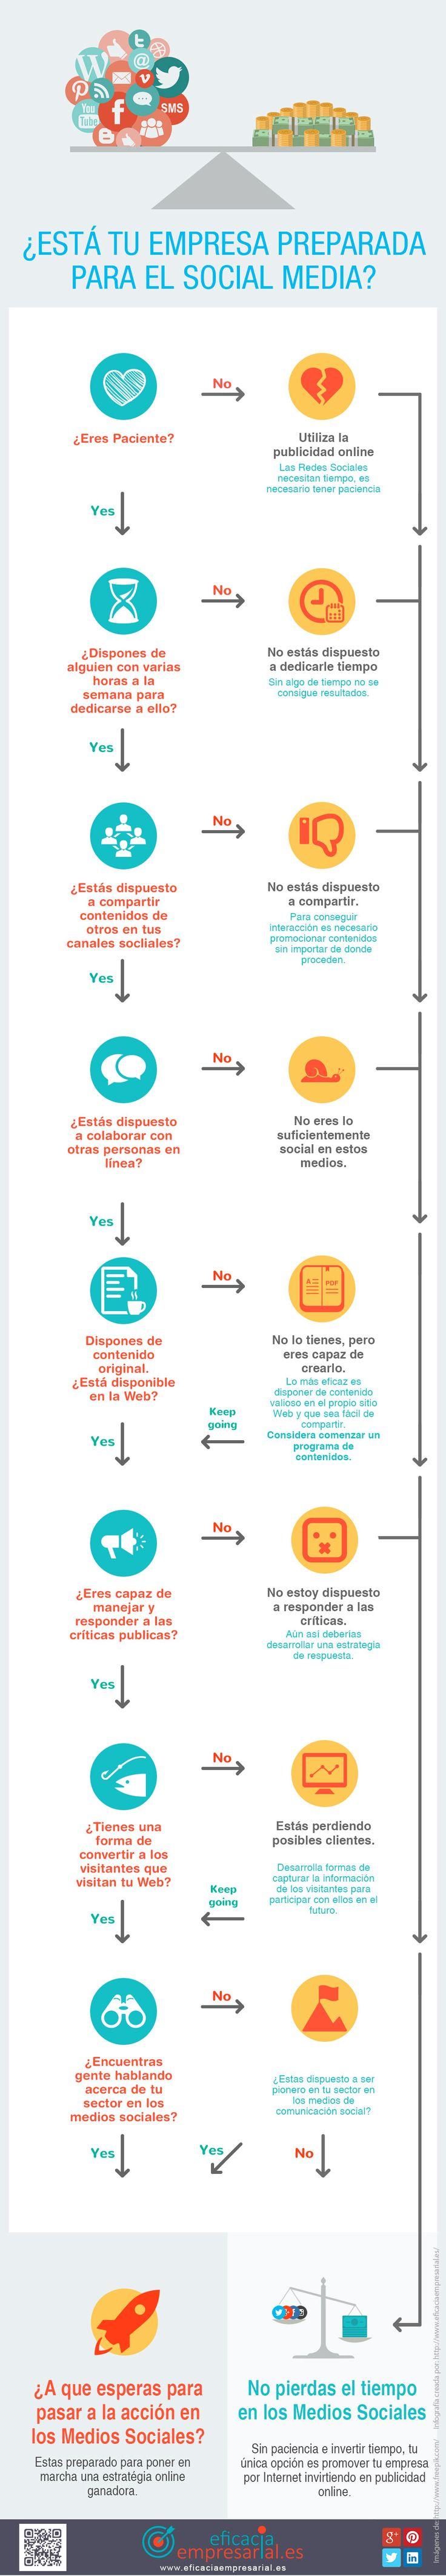 ¿Está tu empresa preparada para el Social Media [Infografía] http://www.eficaciaempresarial.es/esta-tu-empresa-preparada-para-el-social-media/